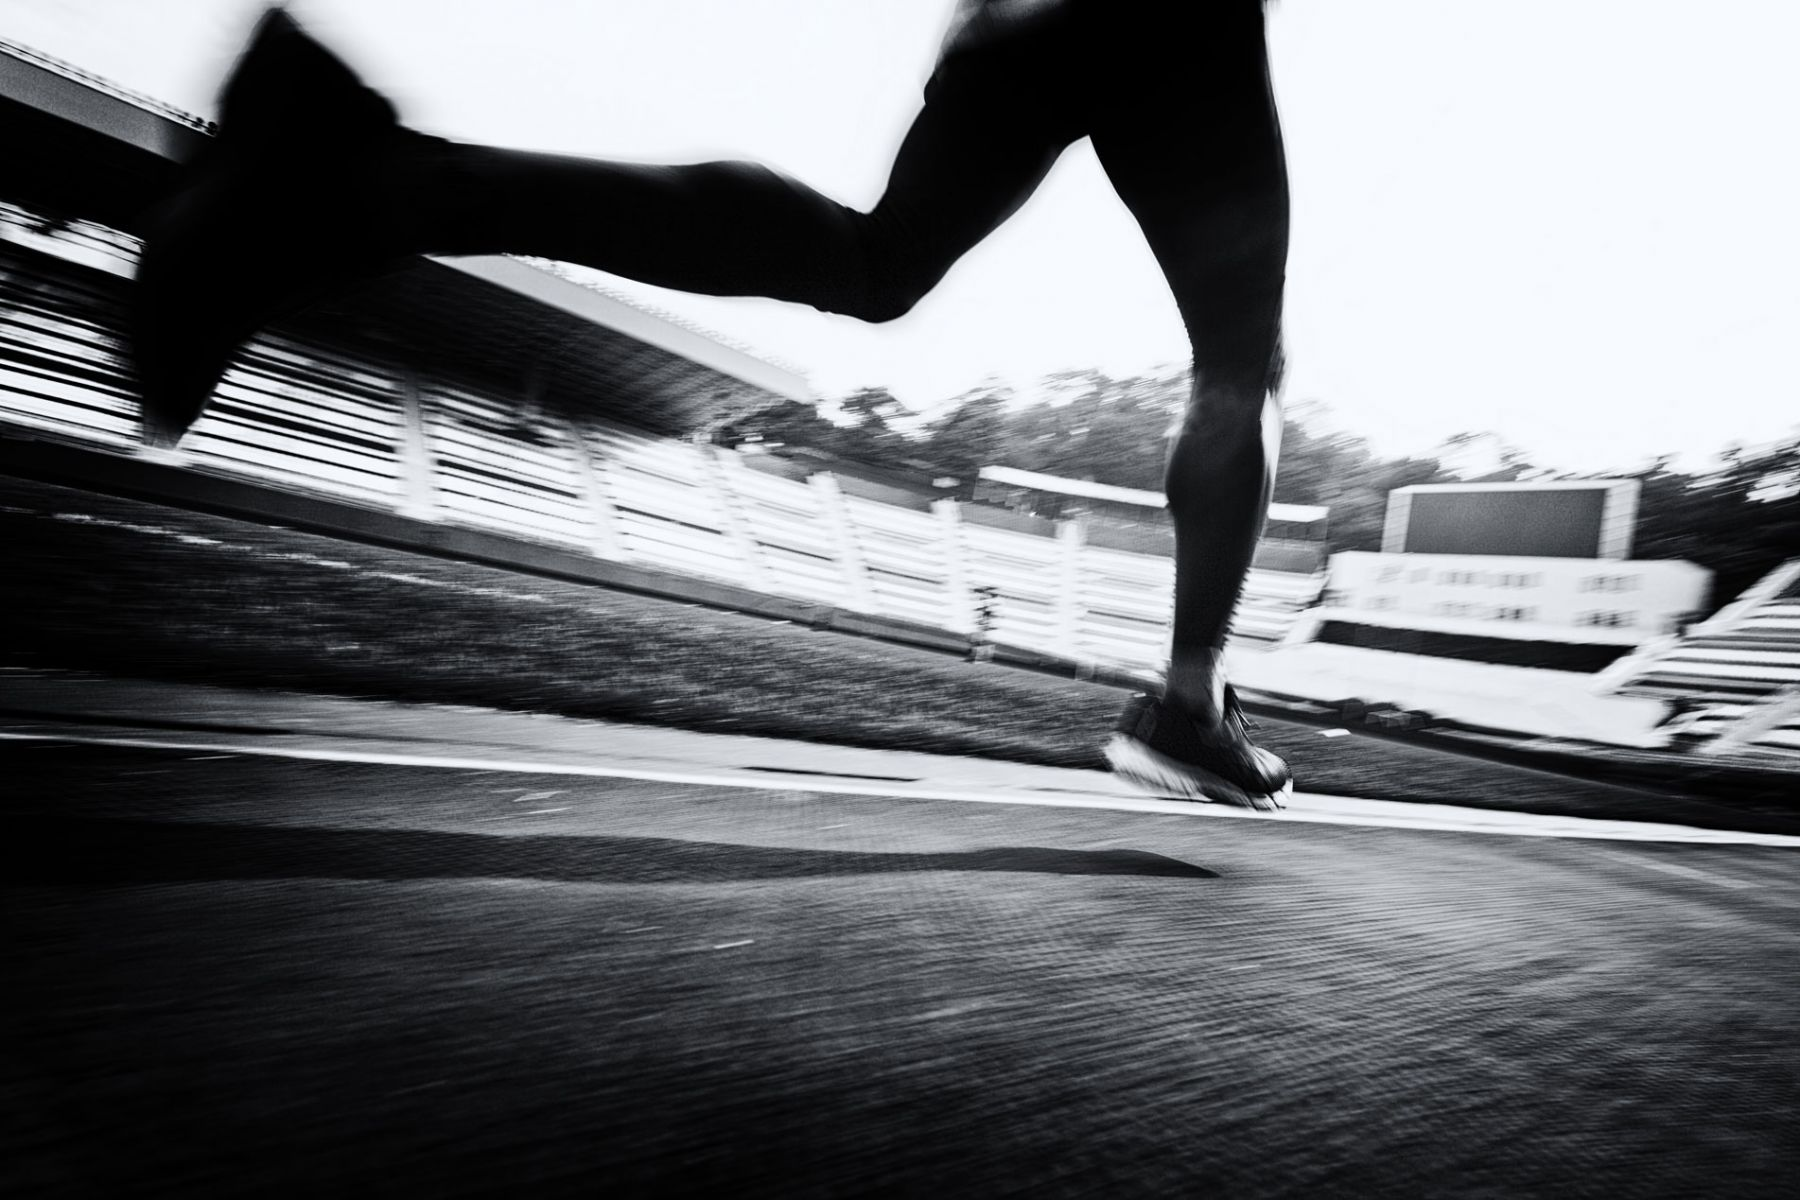 官方沒魄力、協會出奧步 體育改革終將白忙一場?